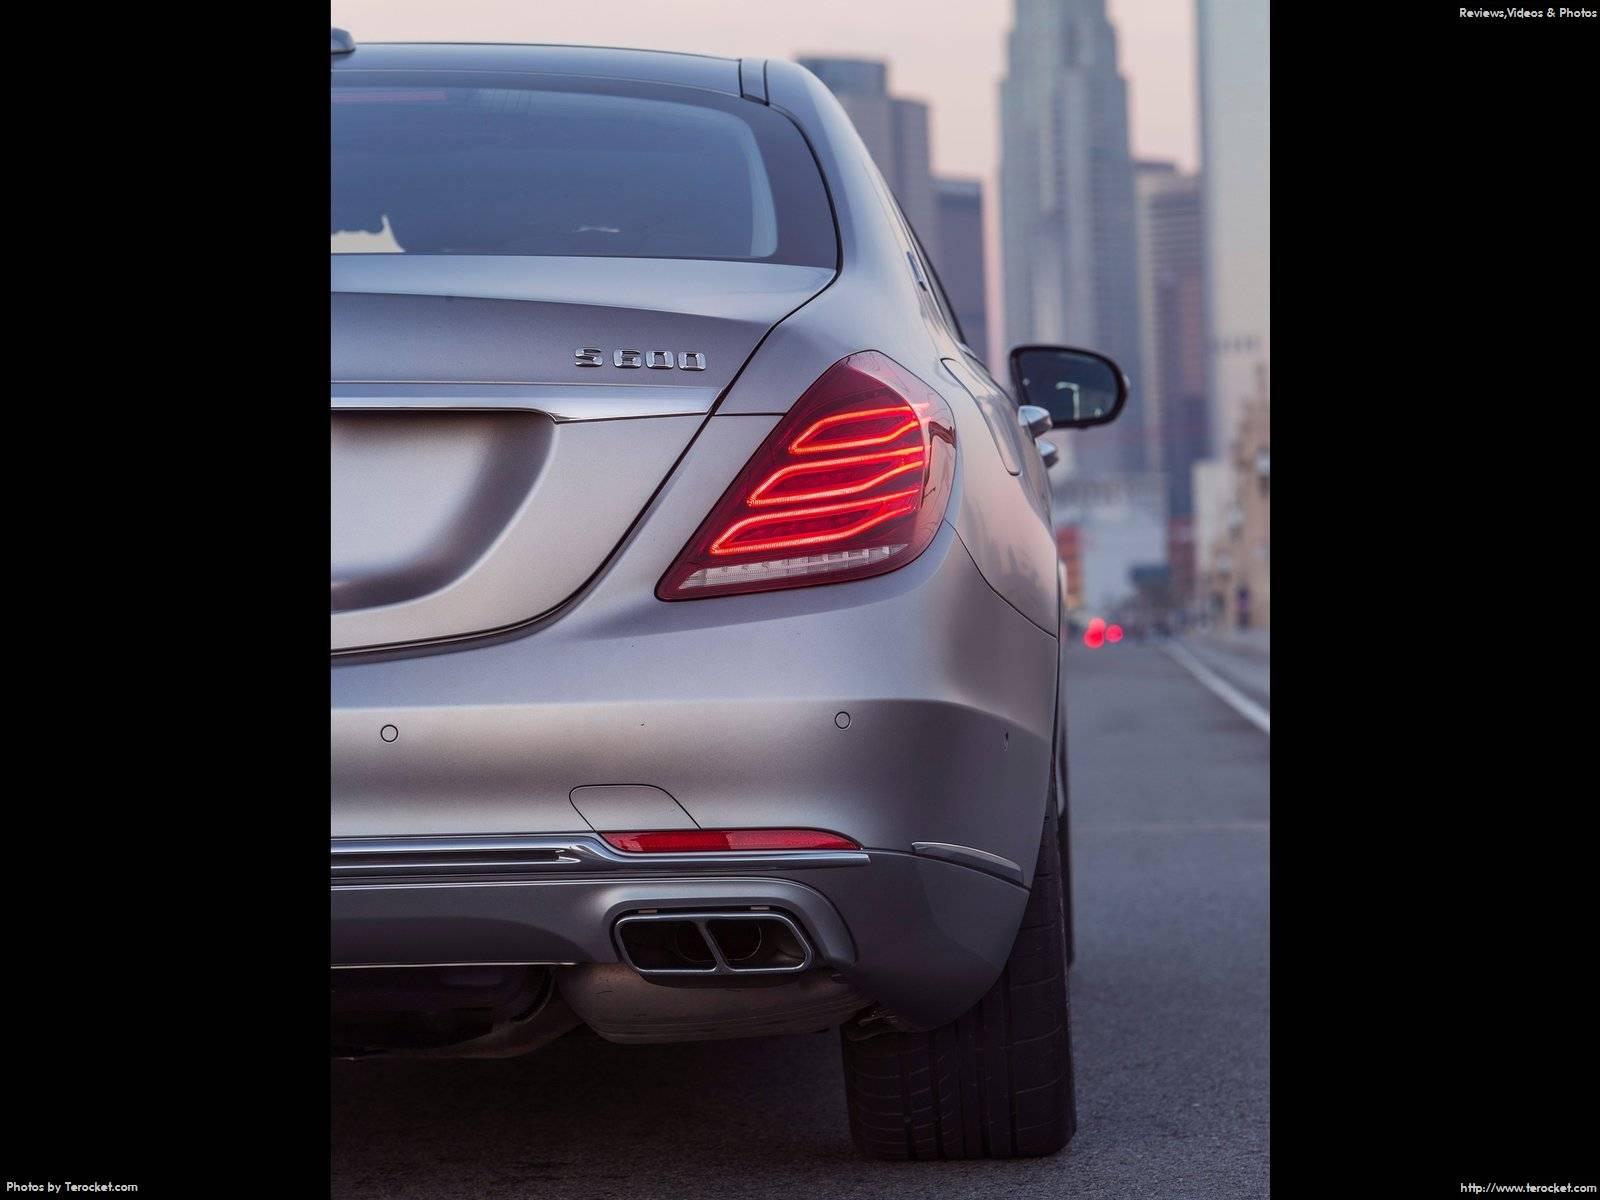 Hình ảnh xe ô tô Mercedes-Benz S-Class Maybach 2016 & nội ngoại thất